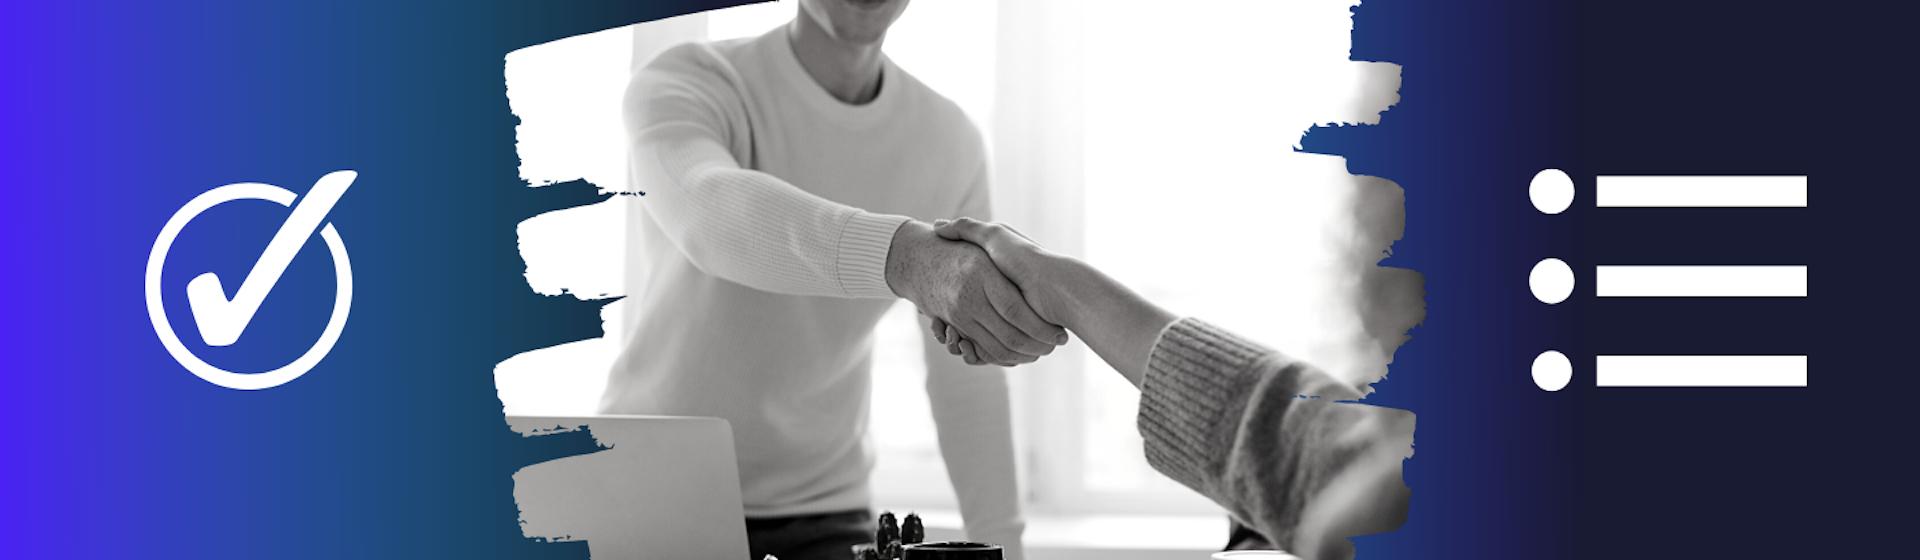 ¿Qué son las expectativas del cliente? Satisface sus necesidades y mejora su experiencia